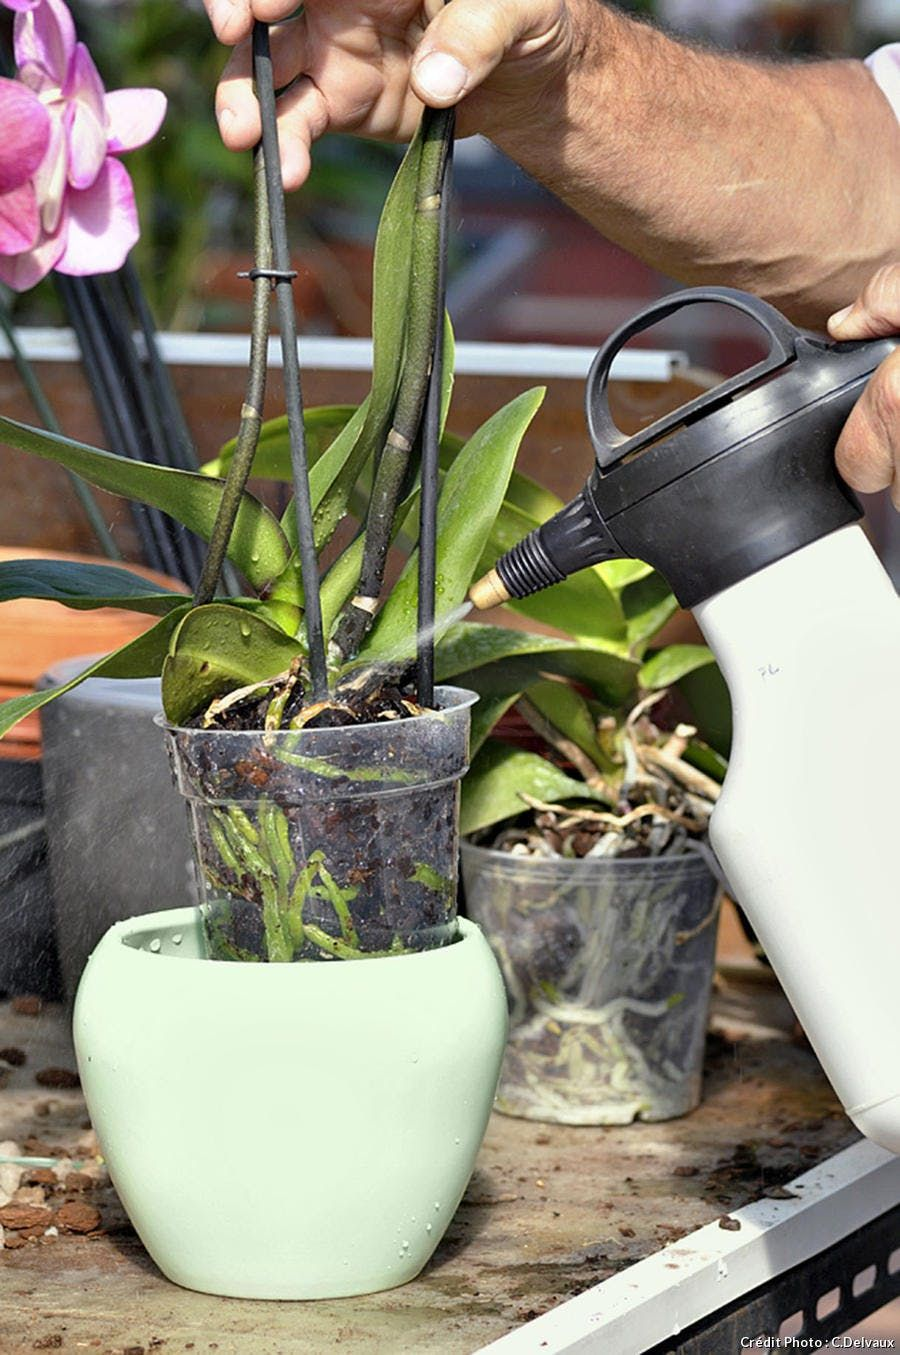 Comment Entretenir Les Orchidees Entretenir Orchidee Arrosage